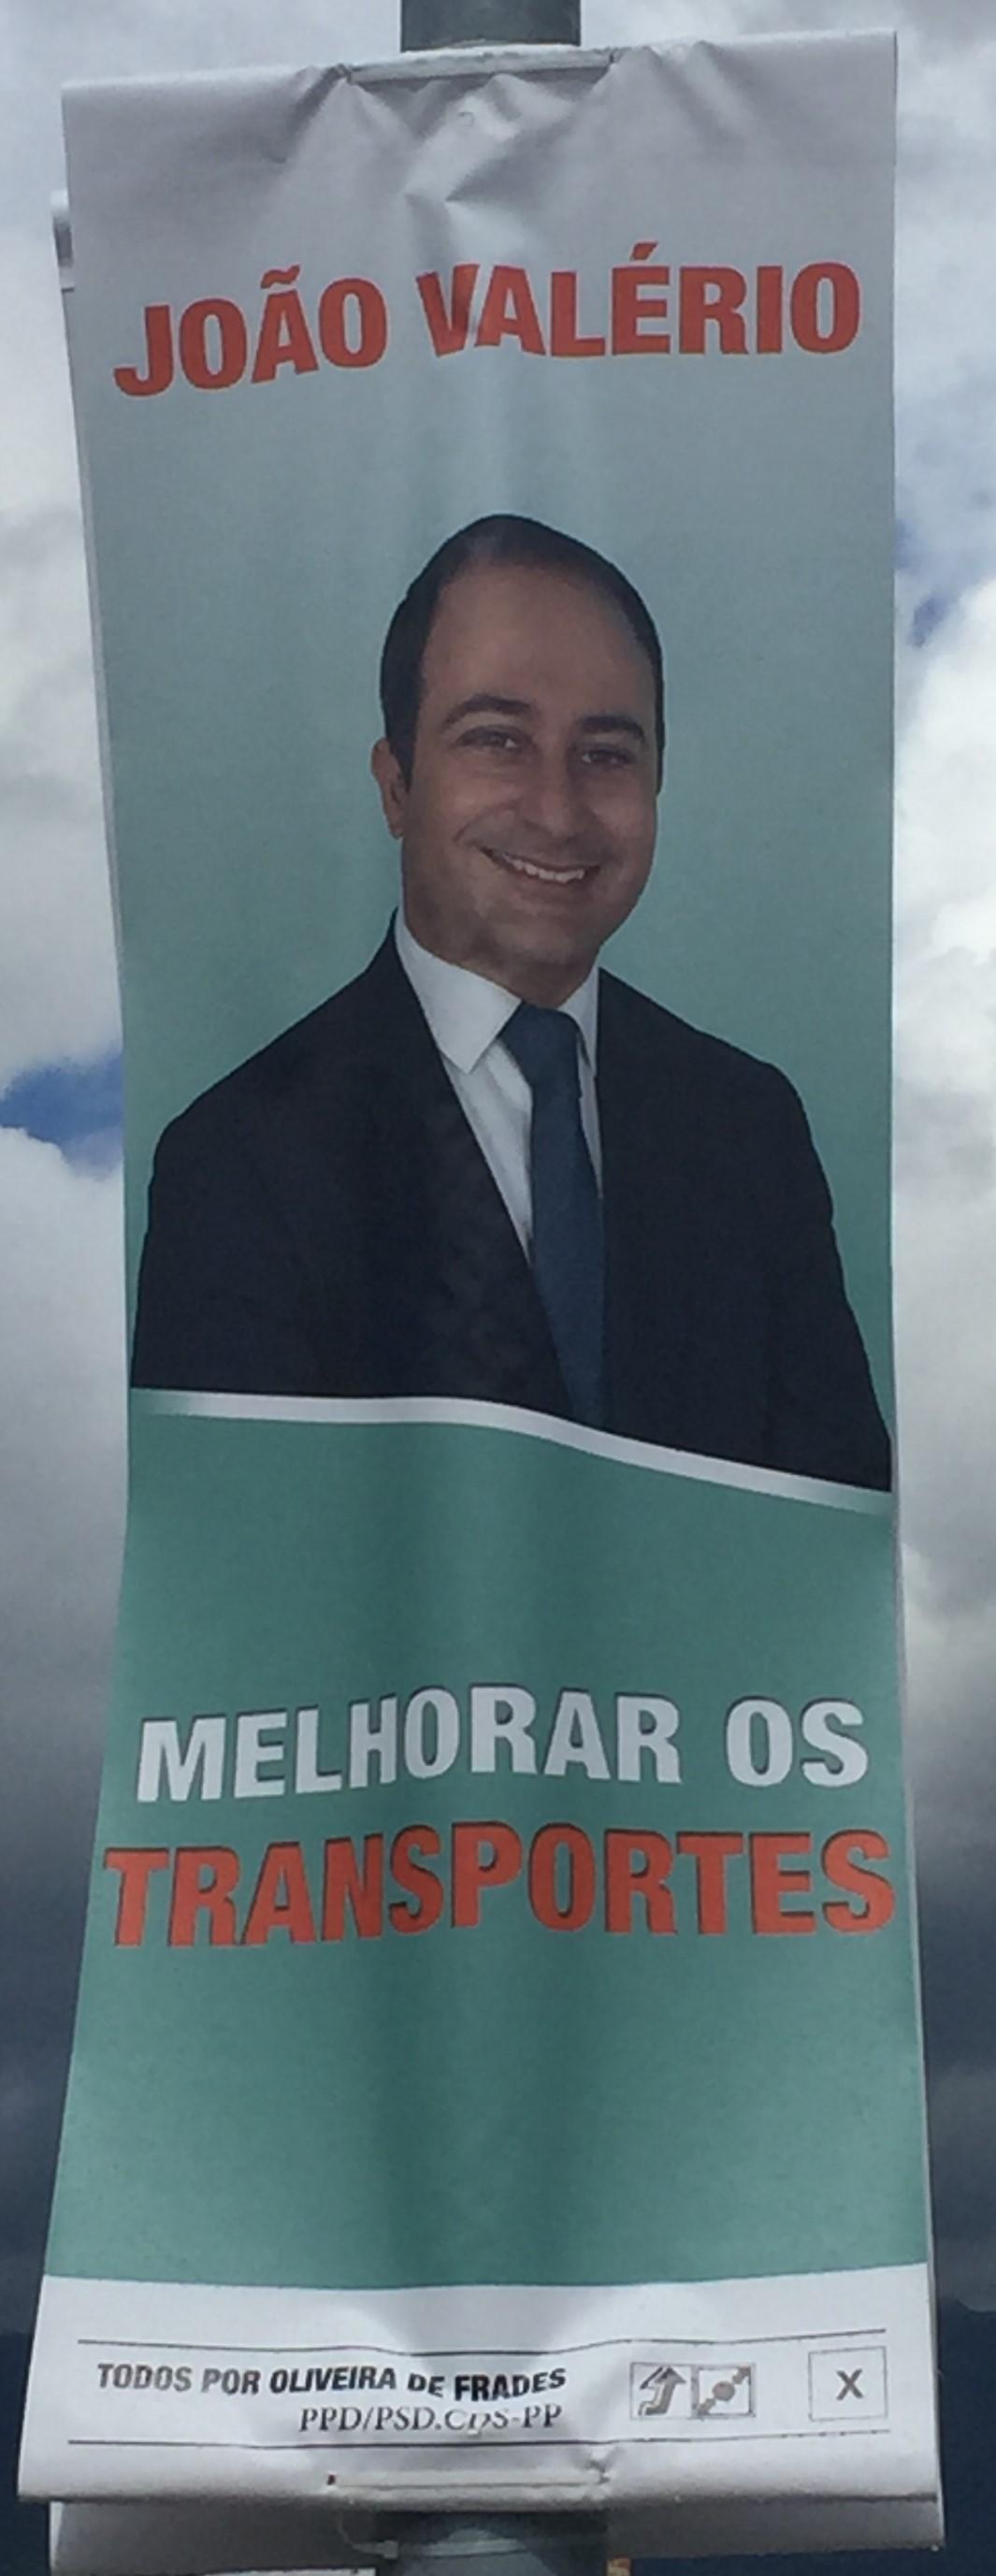 PSD_2021_Oliveira Frades